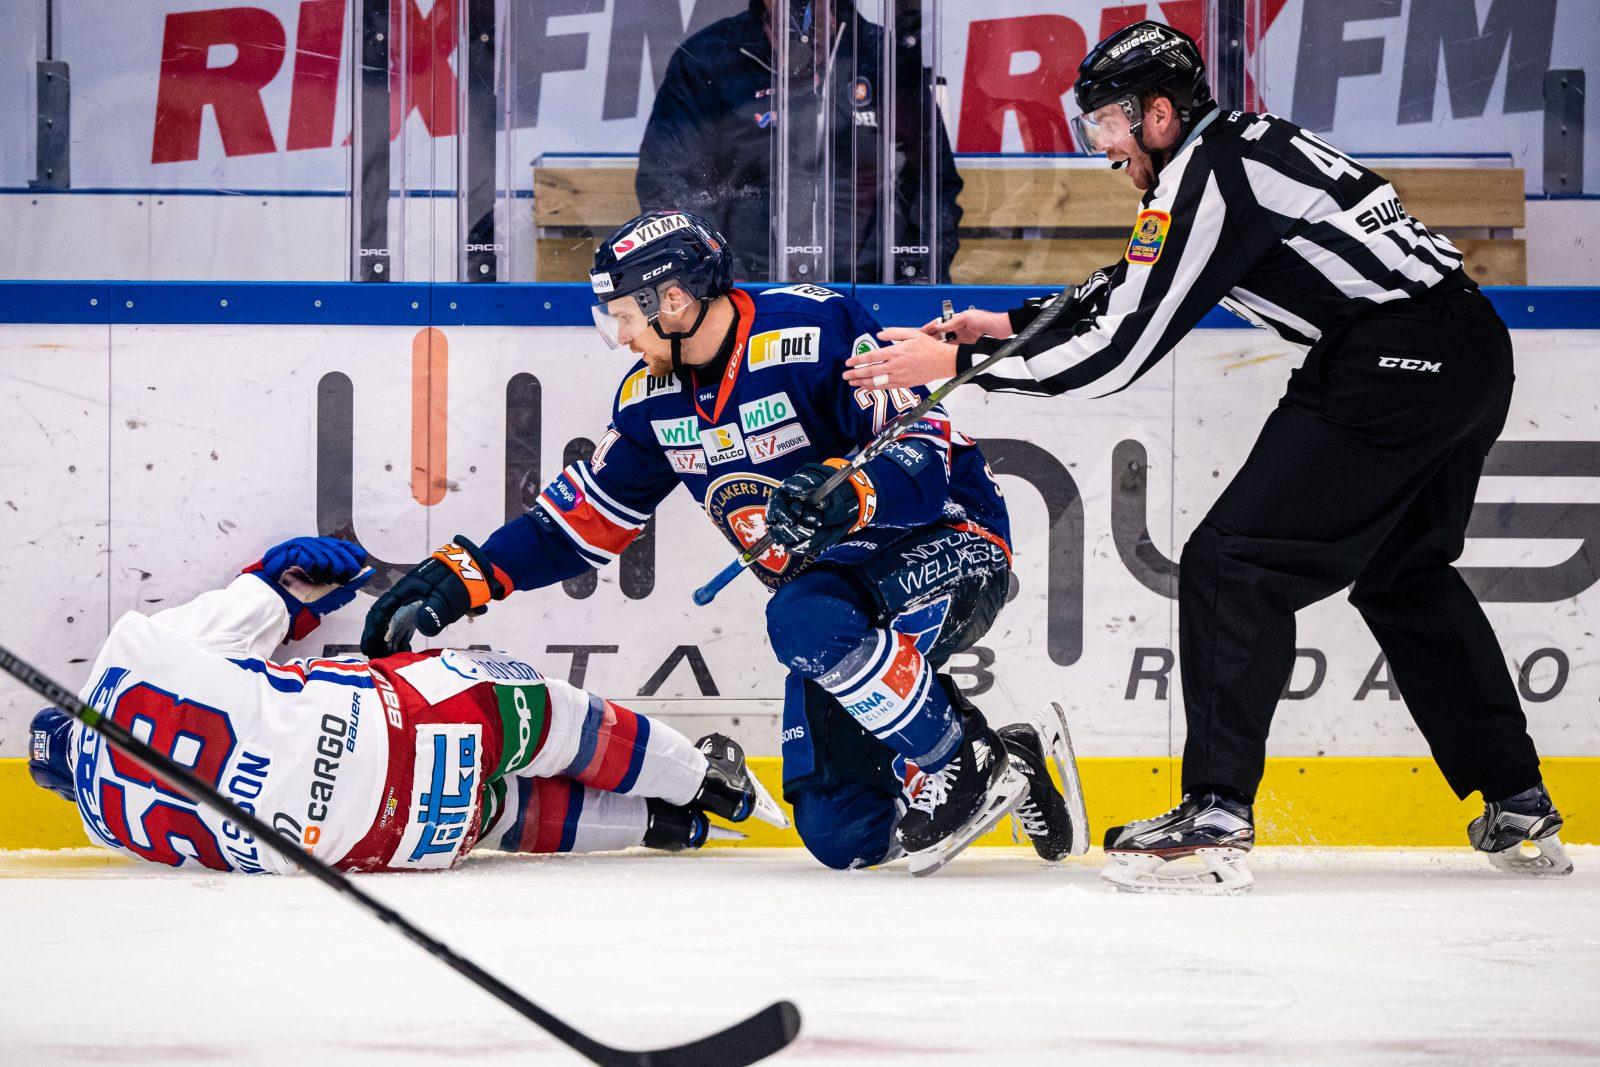 BEKRÄFTAT: Nilsson har drabbats av en kraftig hjärnskakning